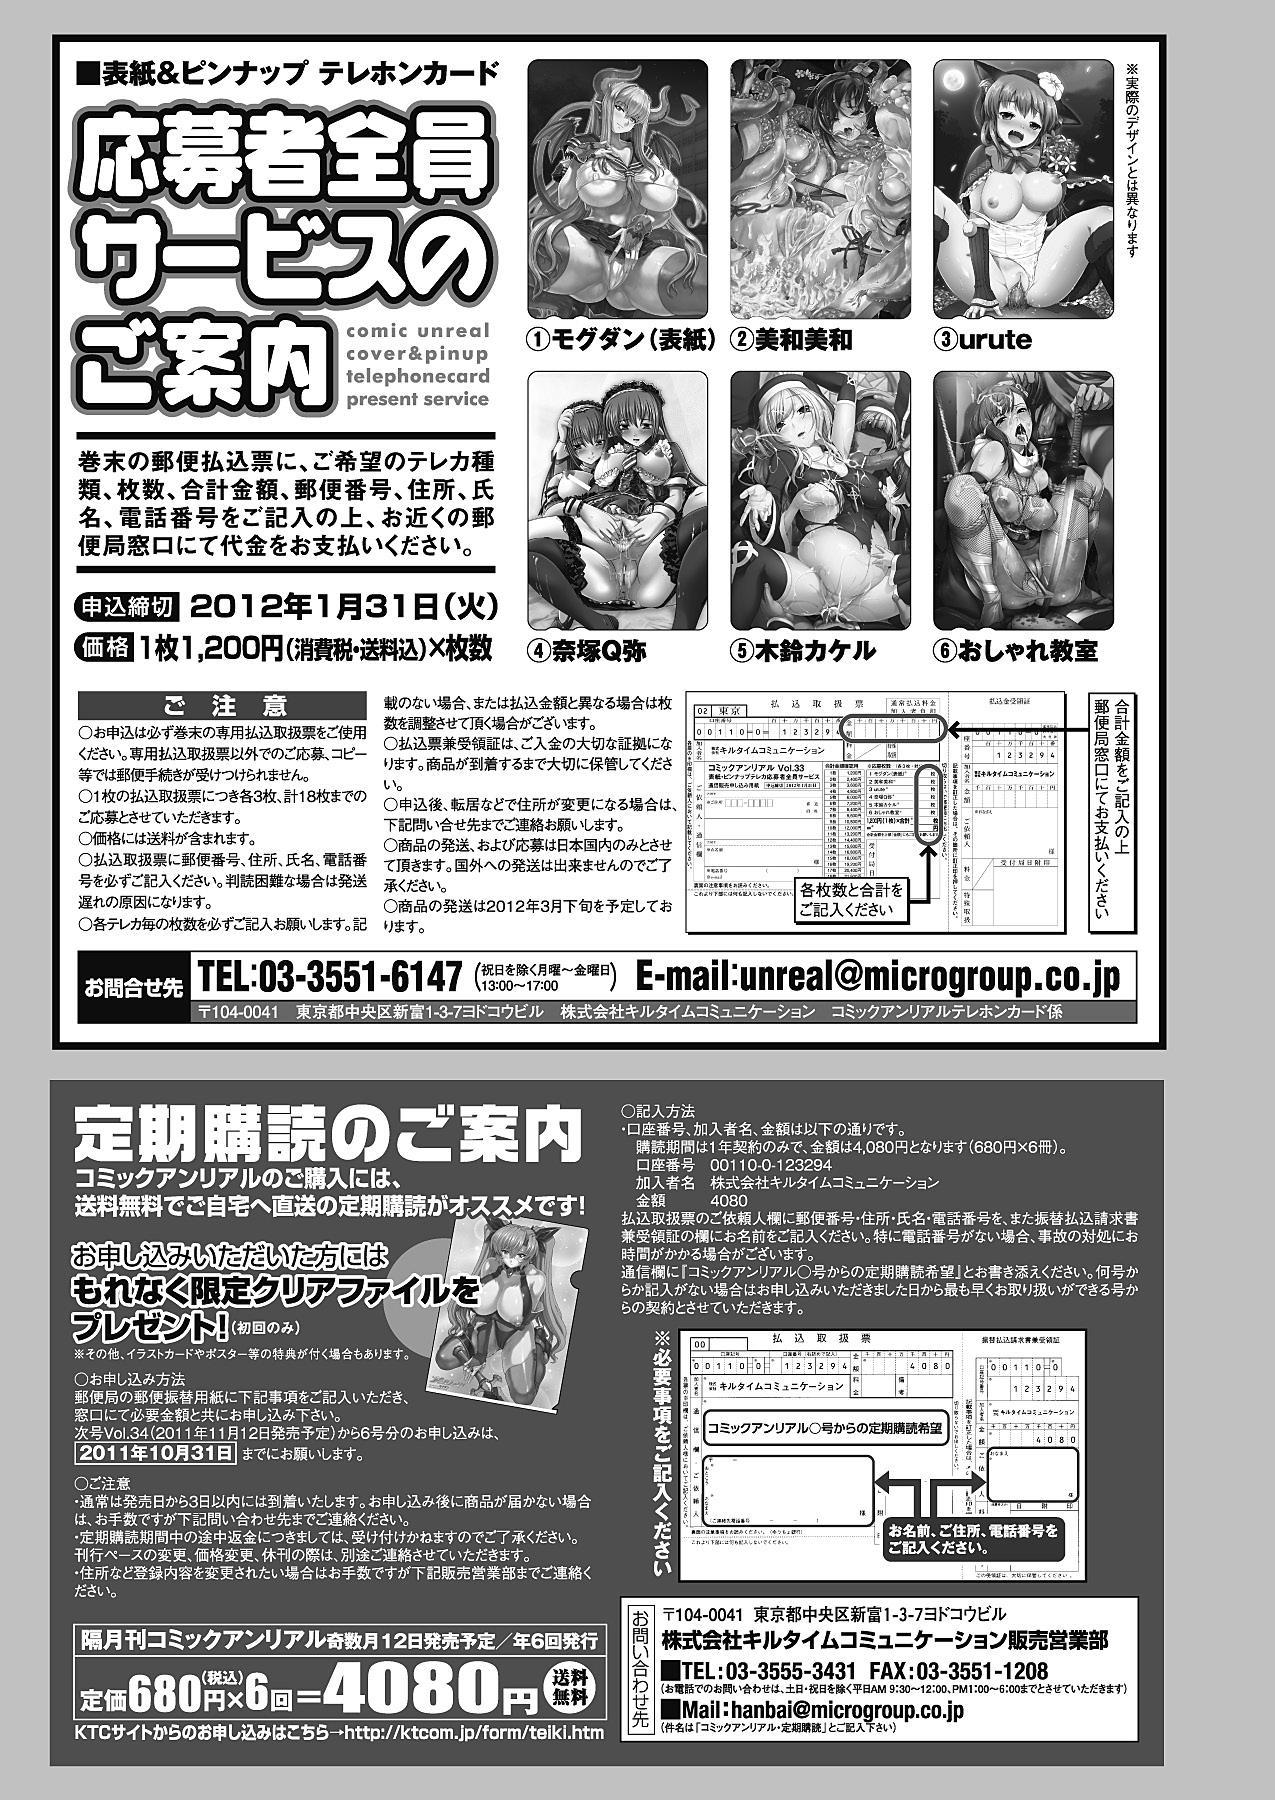 COMIC Unreal 2011-10 Vol.33 452